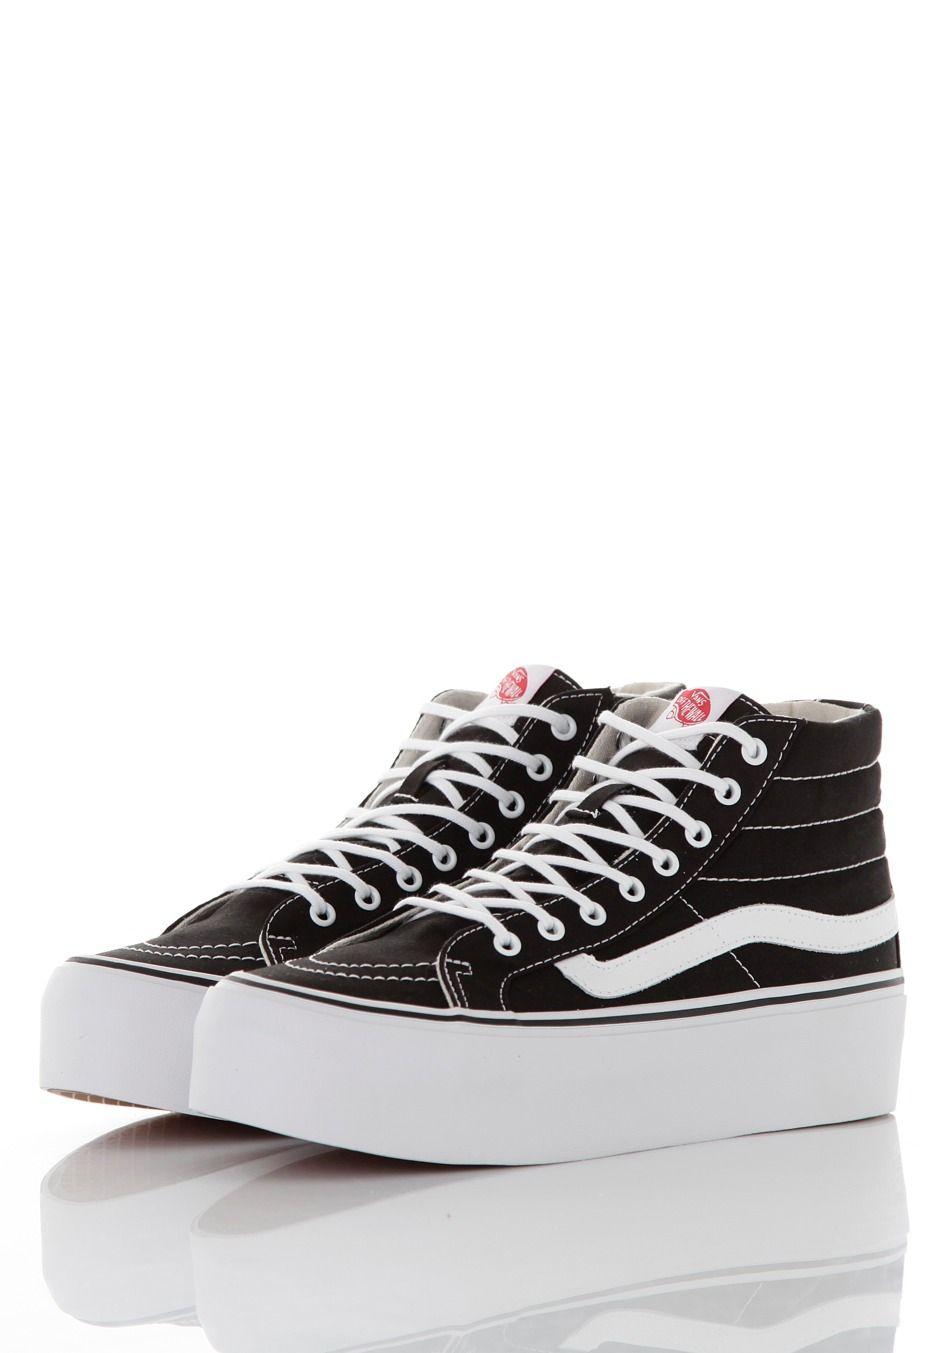 scarpe vans nere donna alte